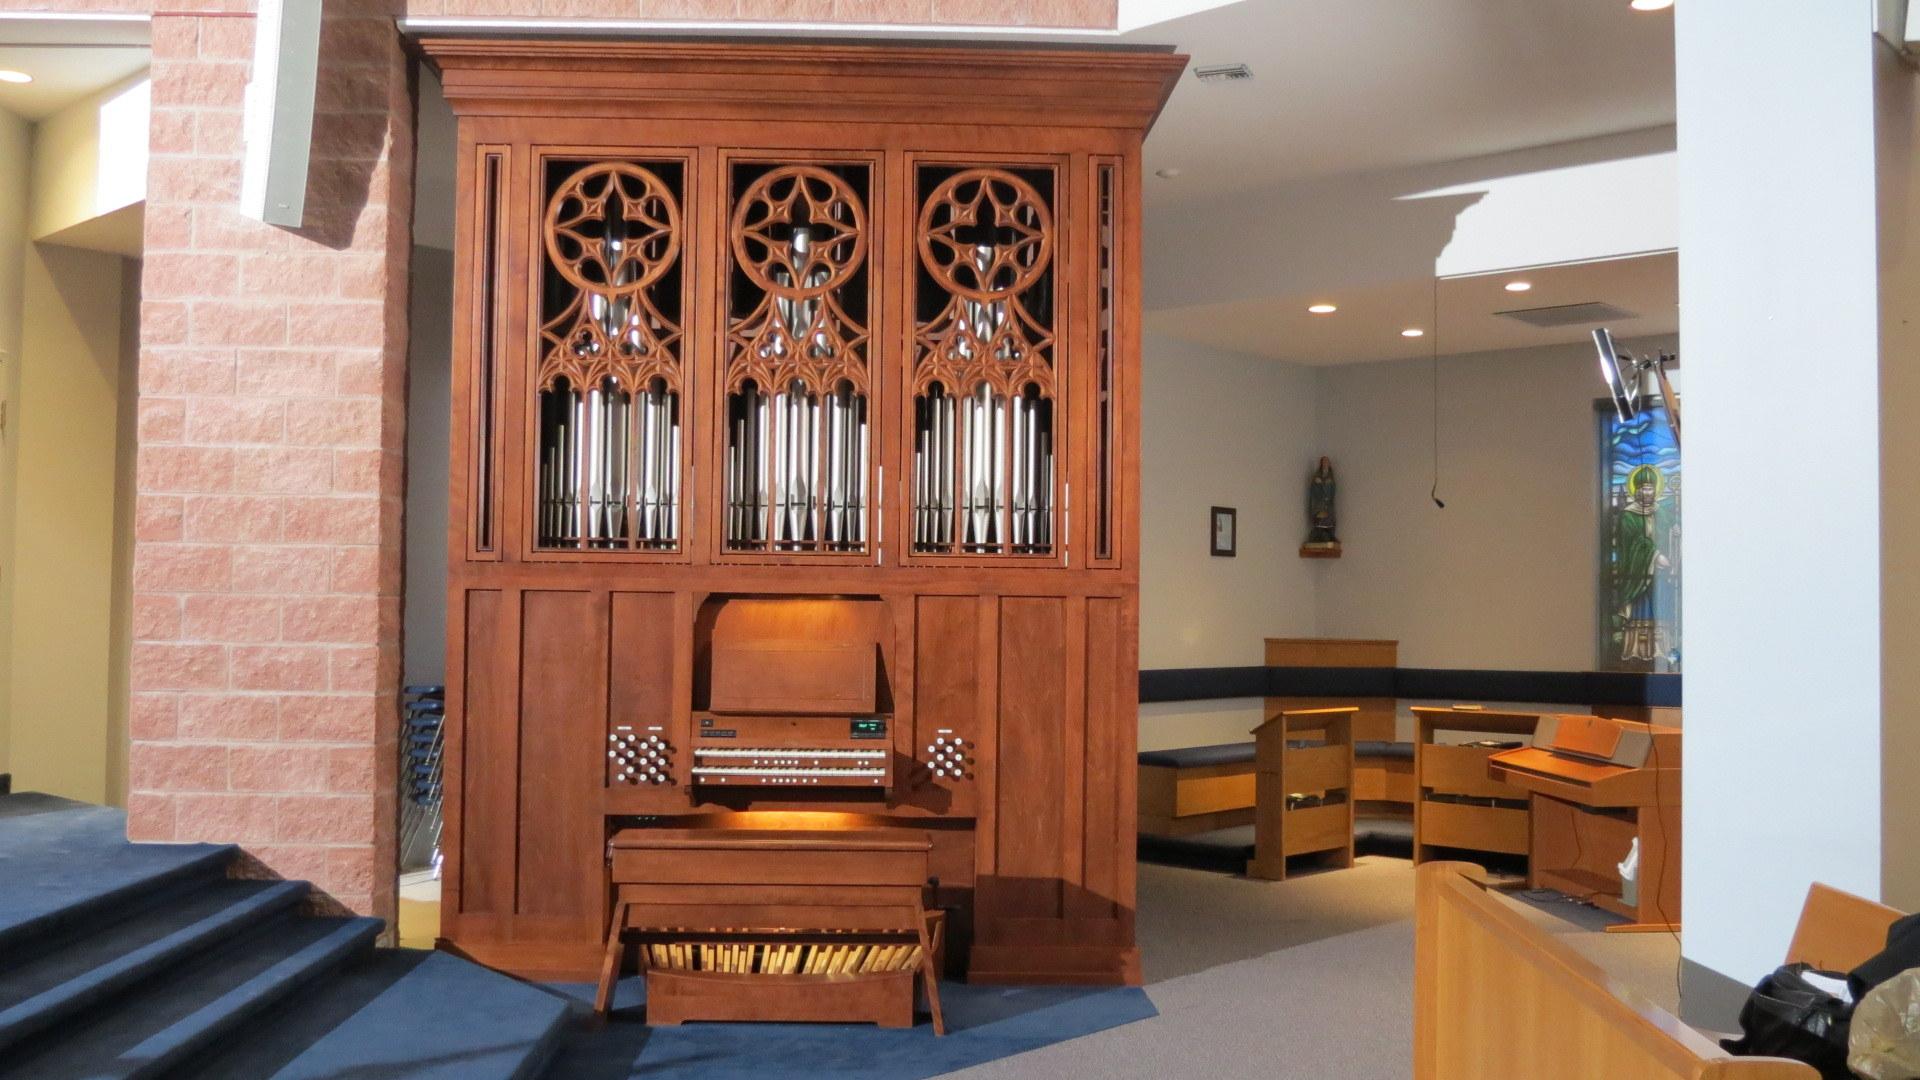 Orgue Inspiration à console attachée installé à l'église Immaculée-Conception de Port Perry, Ontario